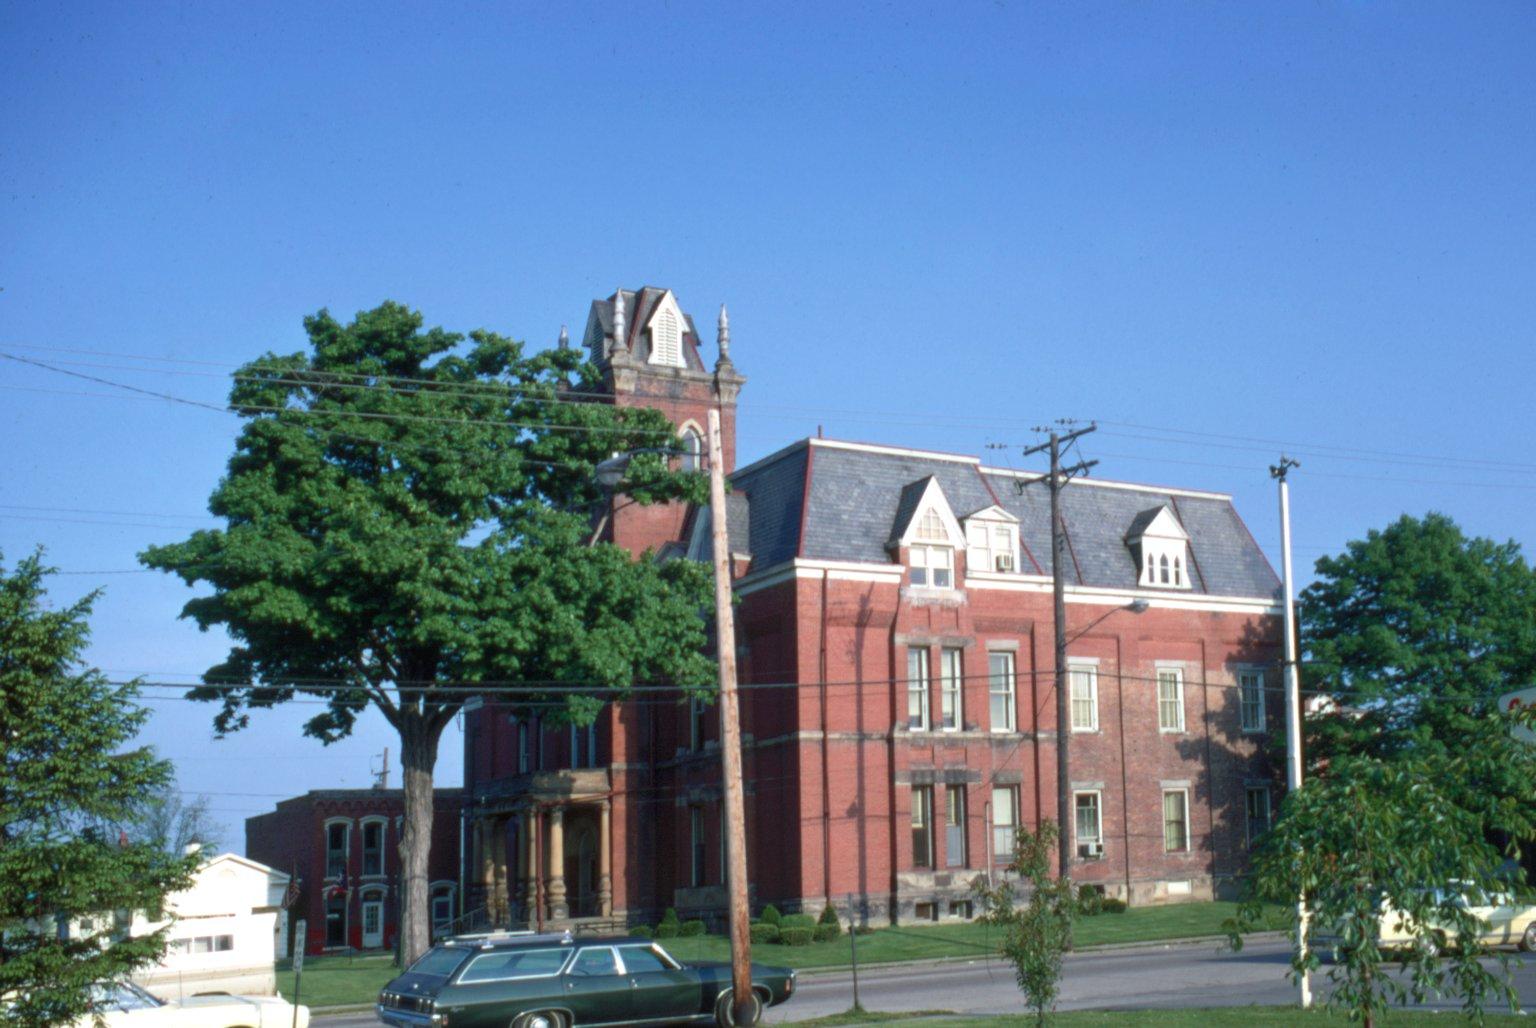 Ashtabula County Courthouse